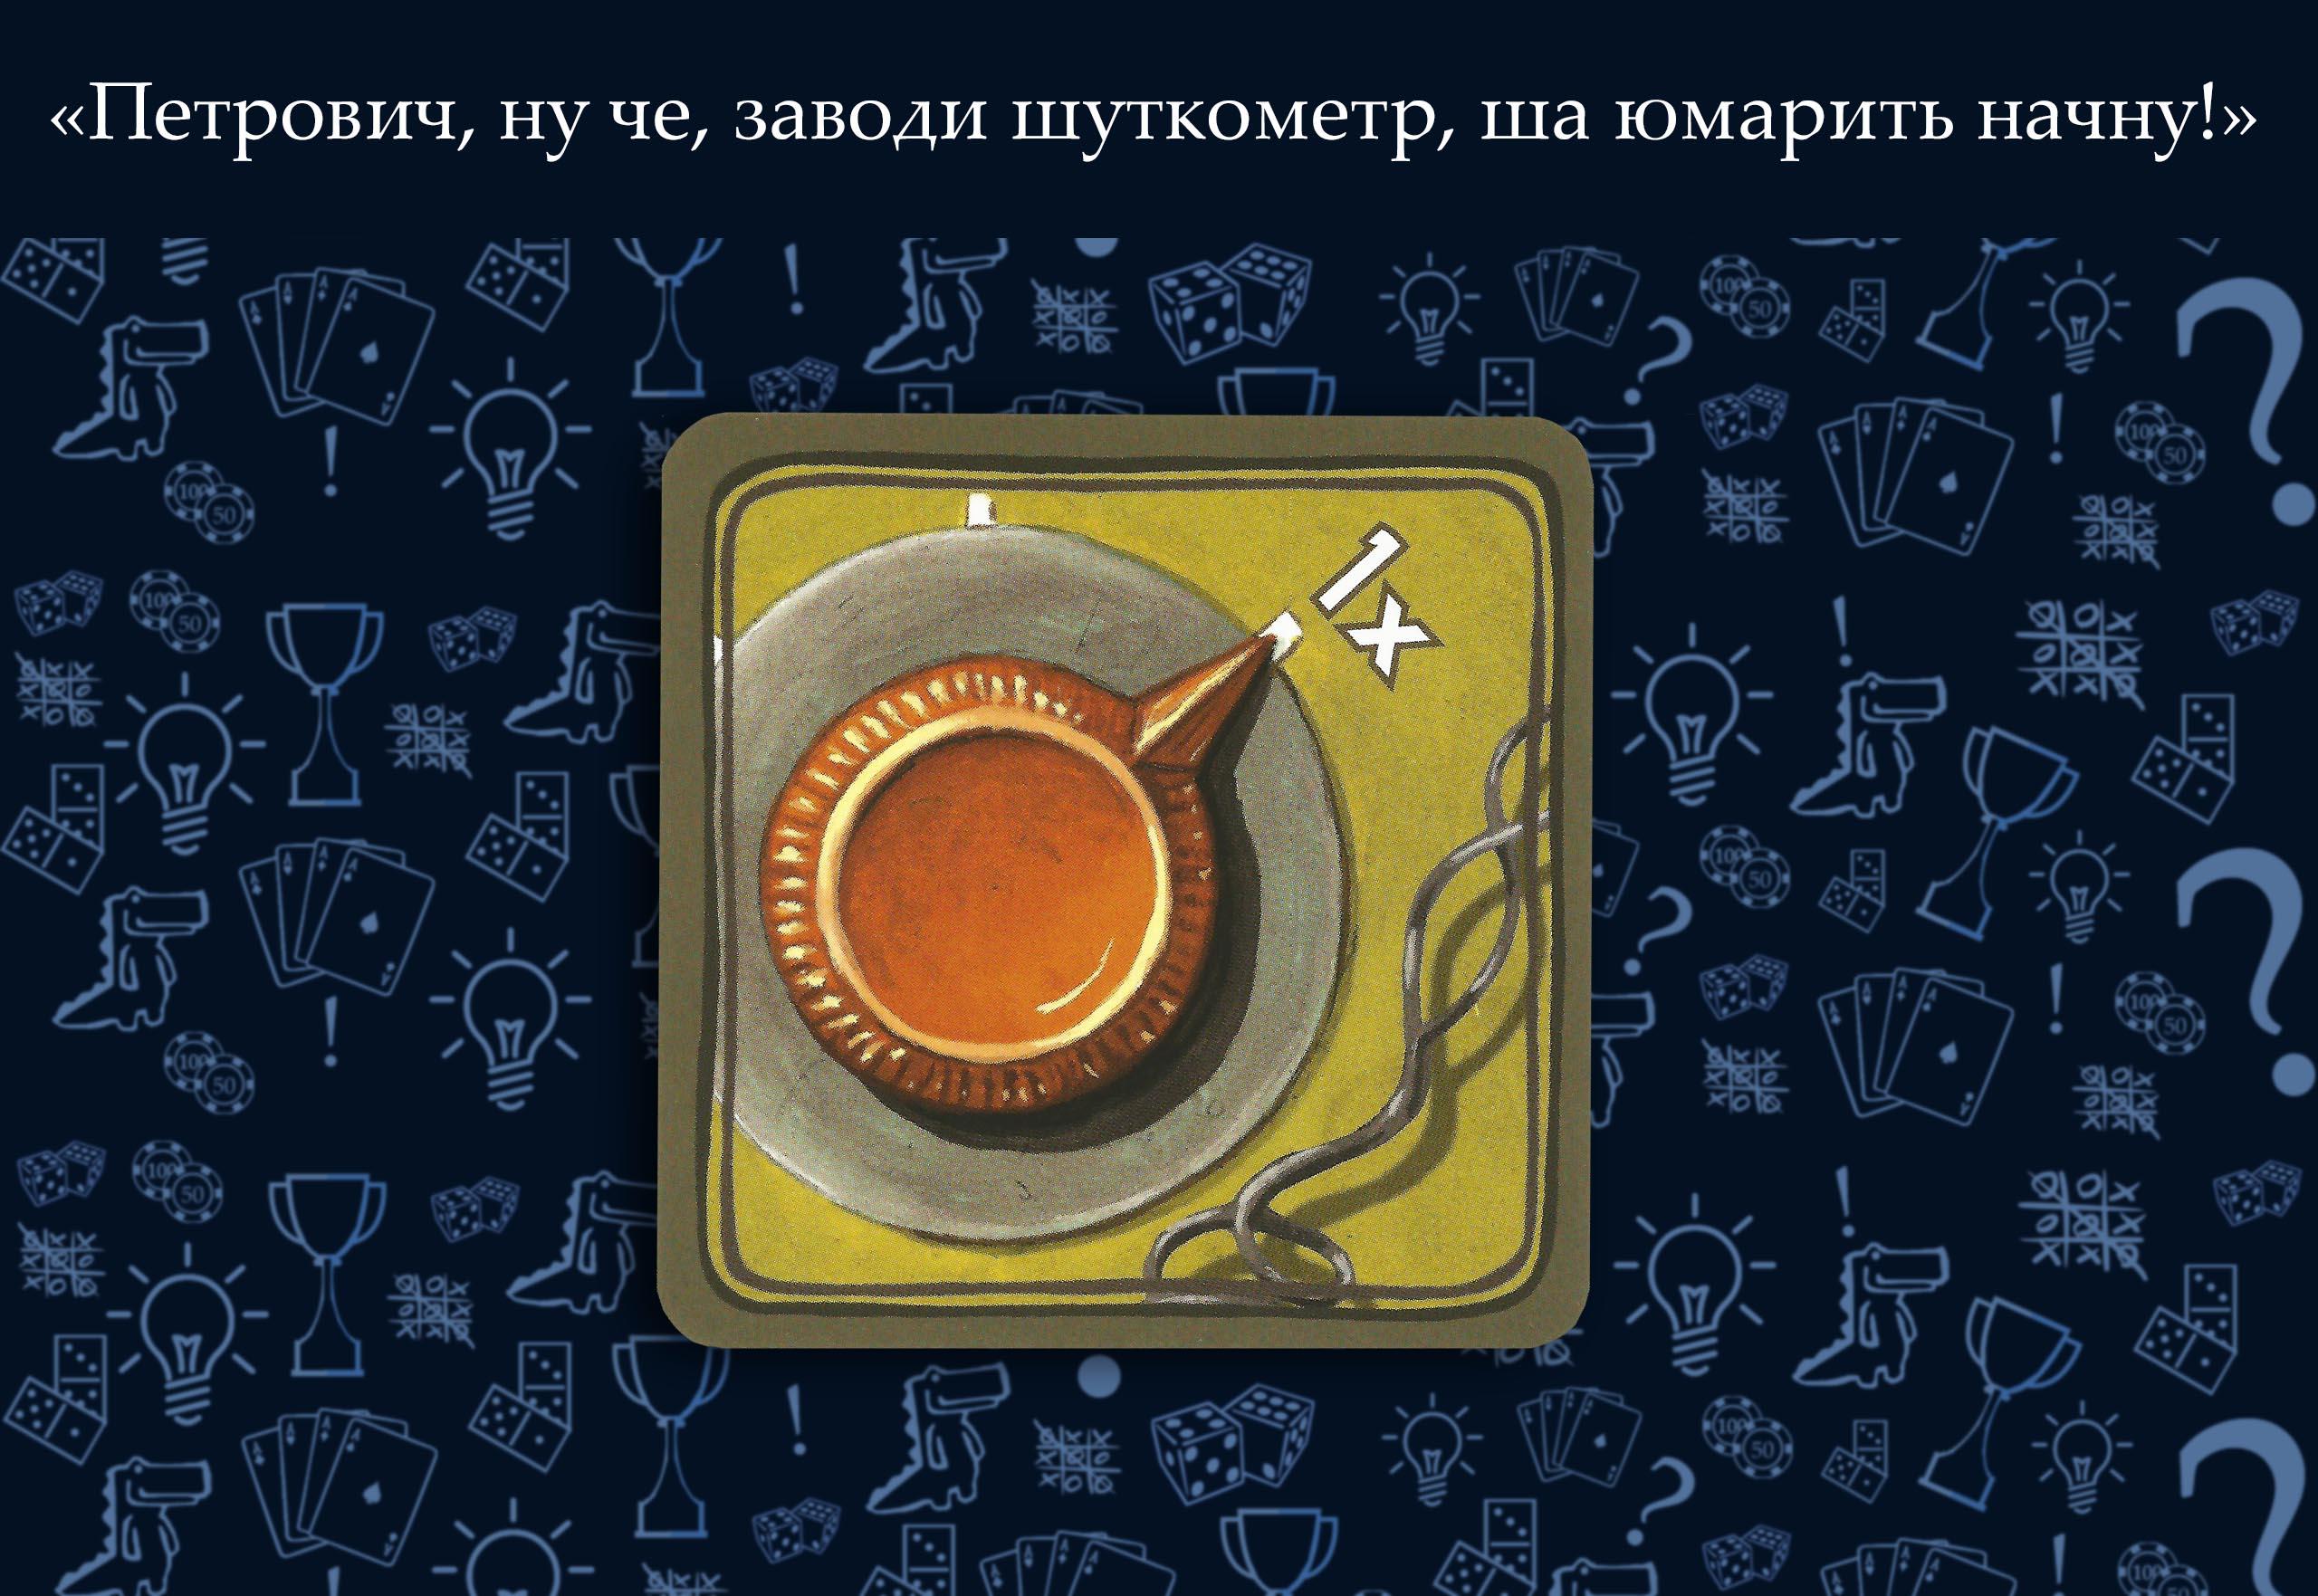 Увеличение производства / юморинка от Димасика. Настольная игра «Энергосеть» (rolethedice.ru Бросьте Кости)